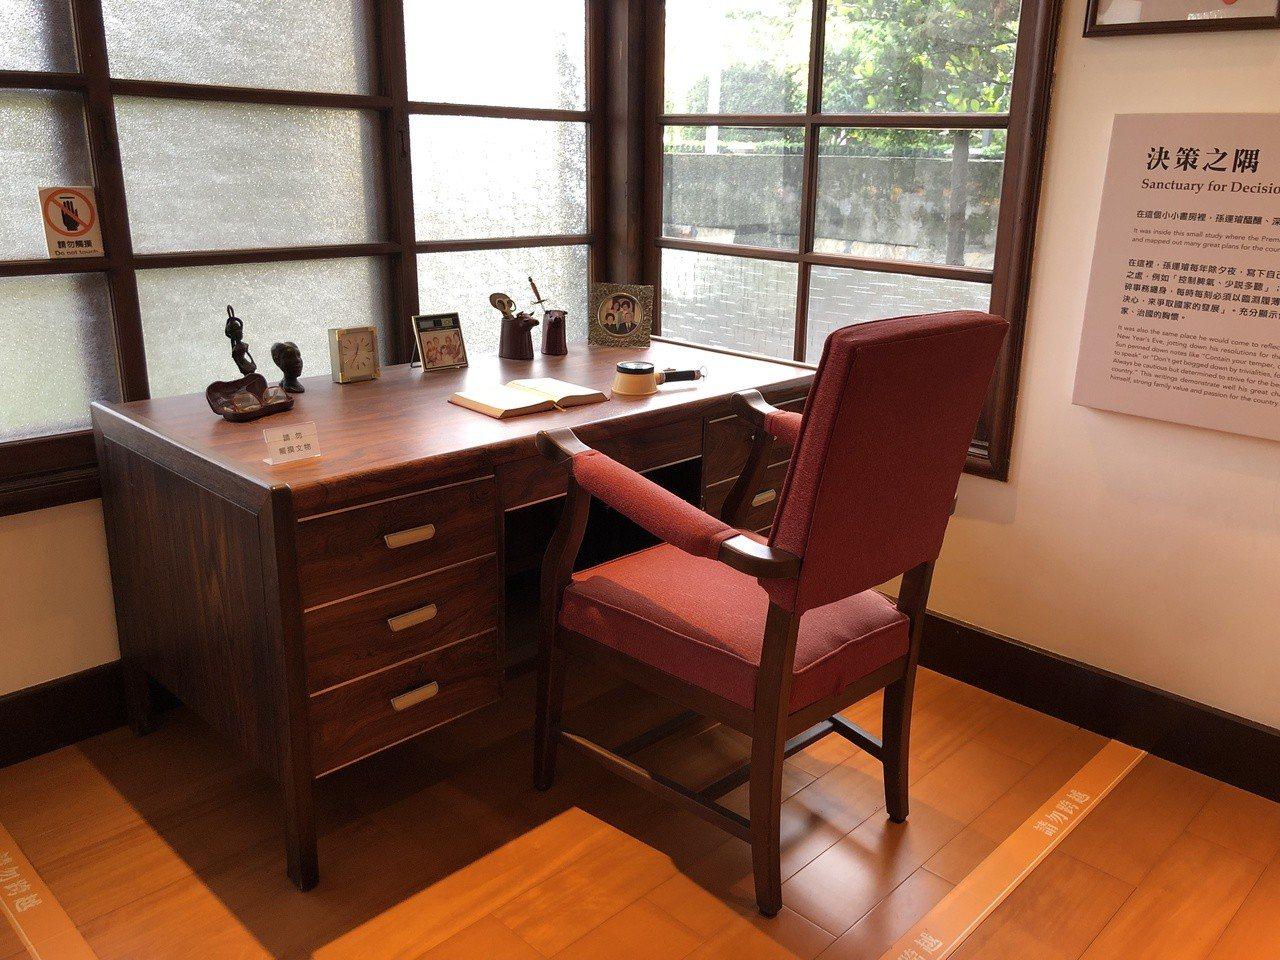 孫運璿思考決策時都會待在這個書房。記者曹悅華/攝影